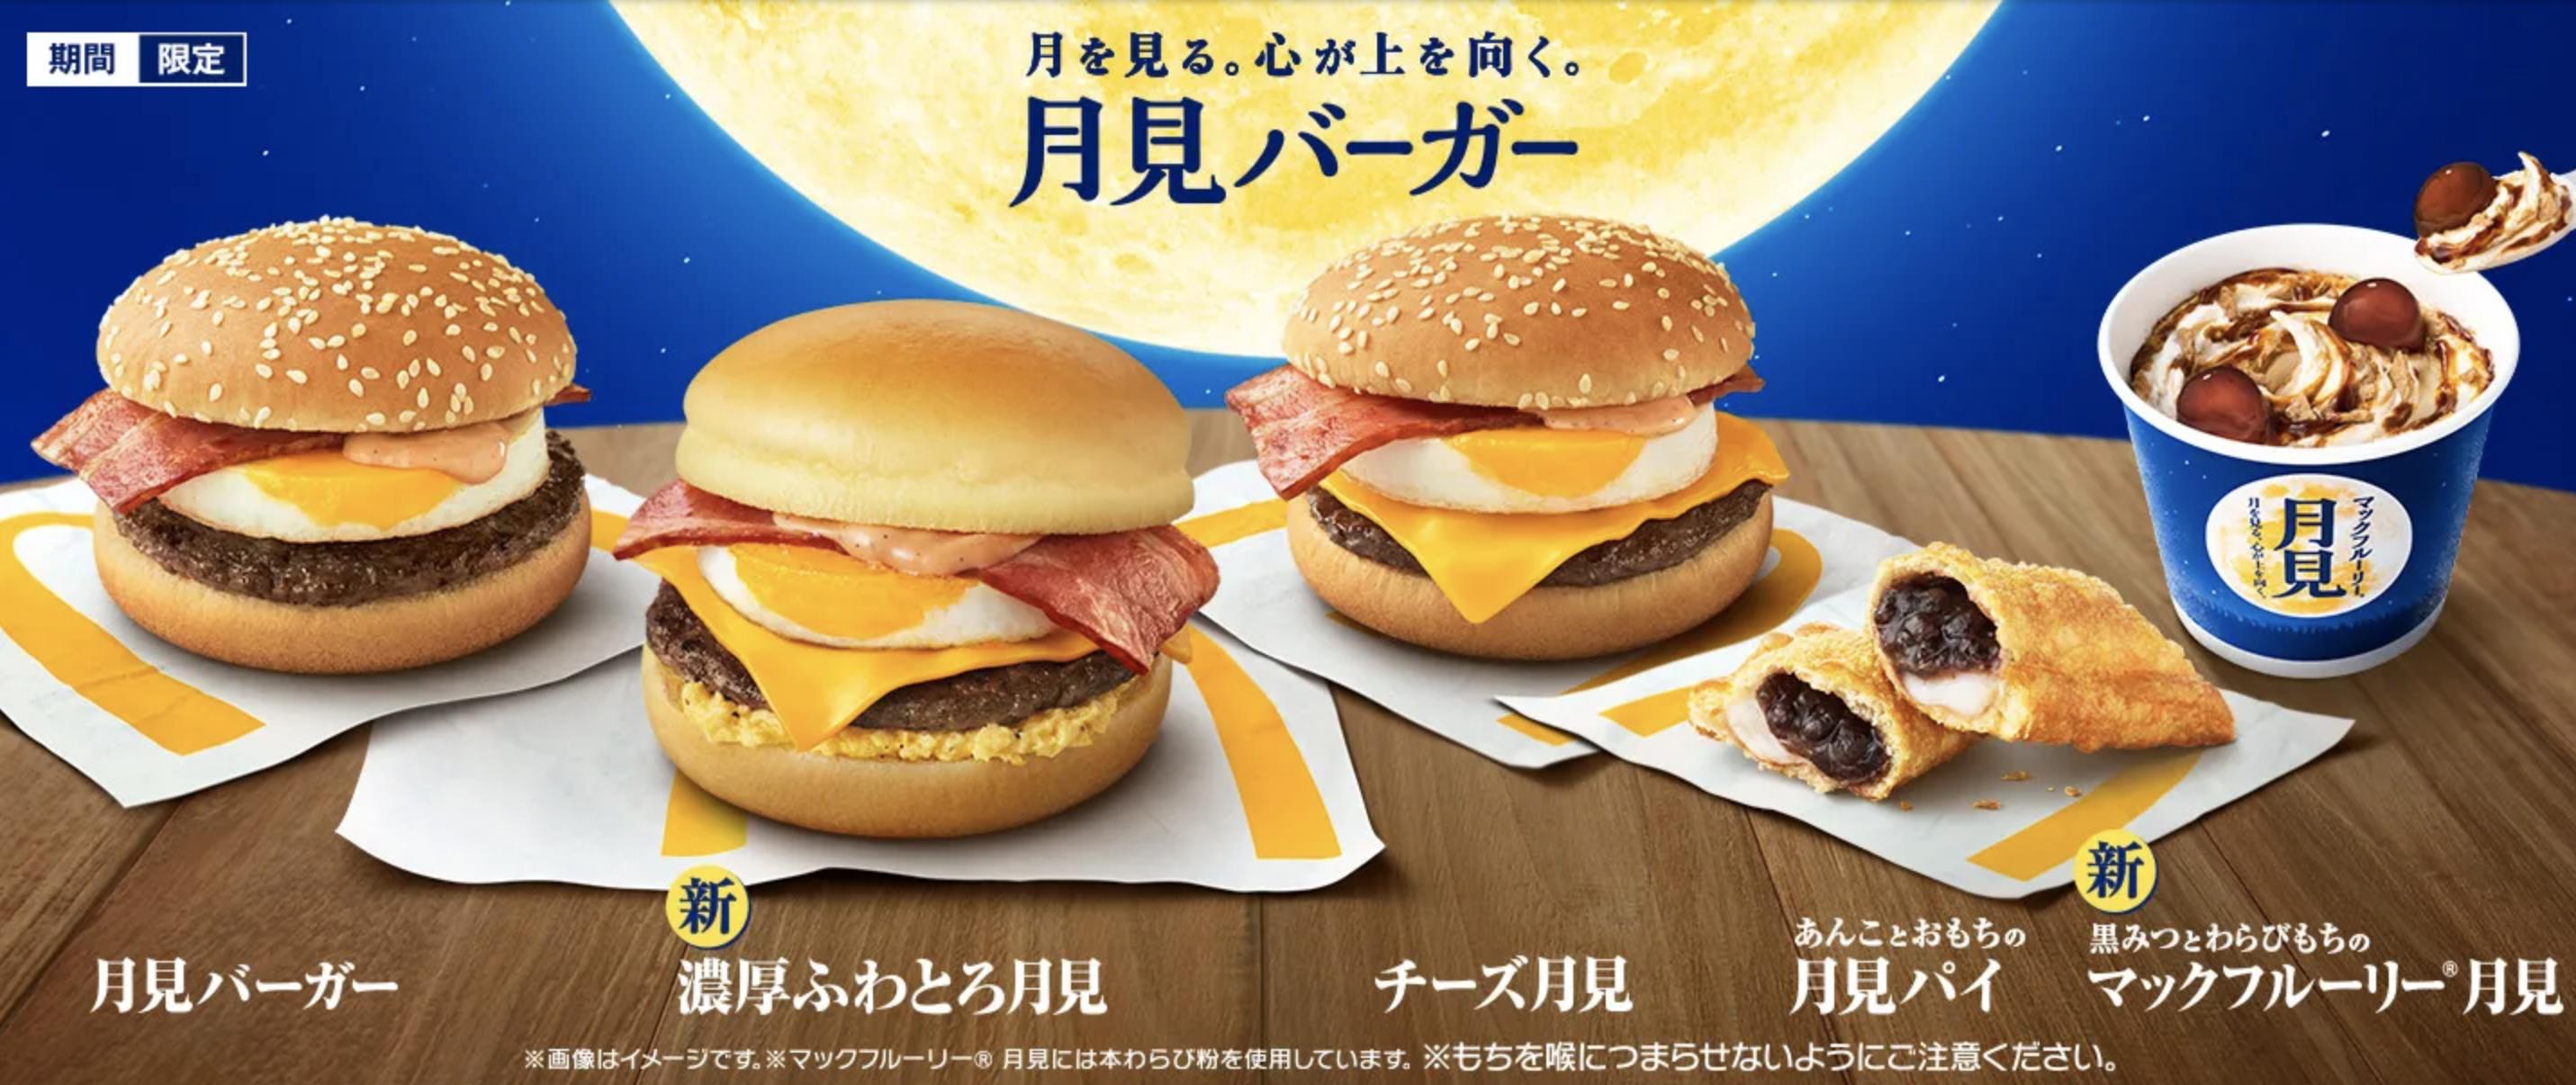 Tsukimi McDonald's Burger